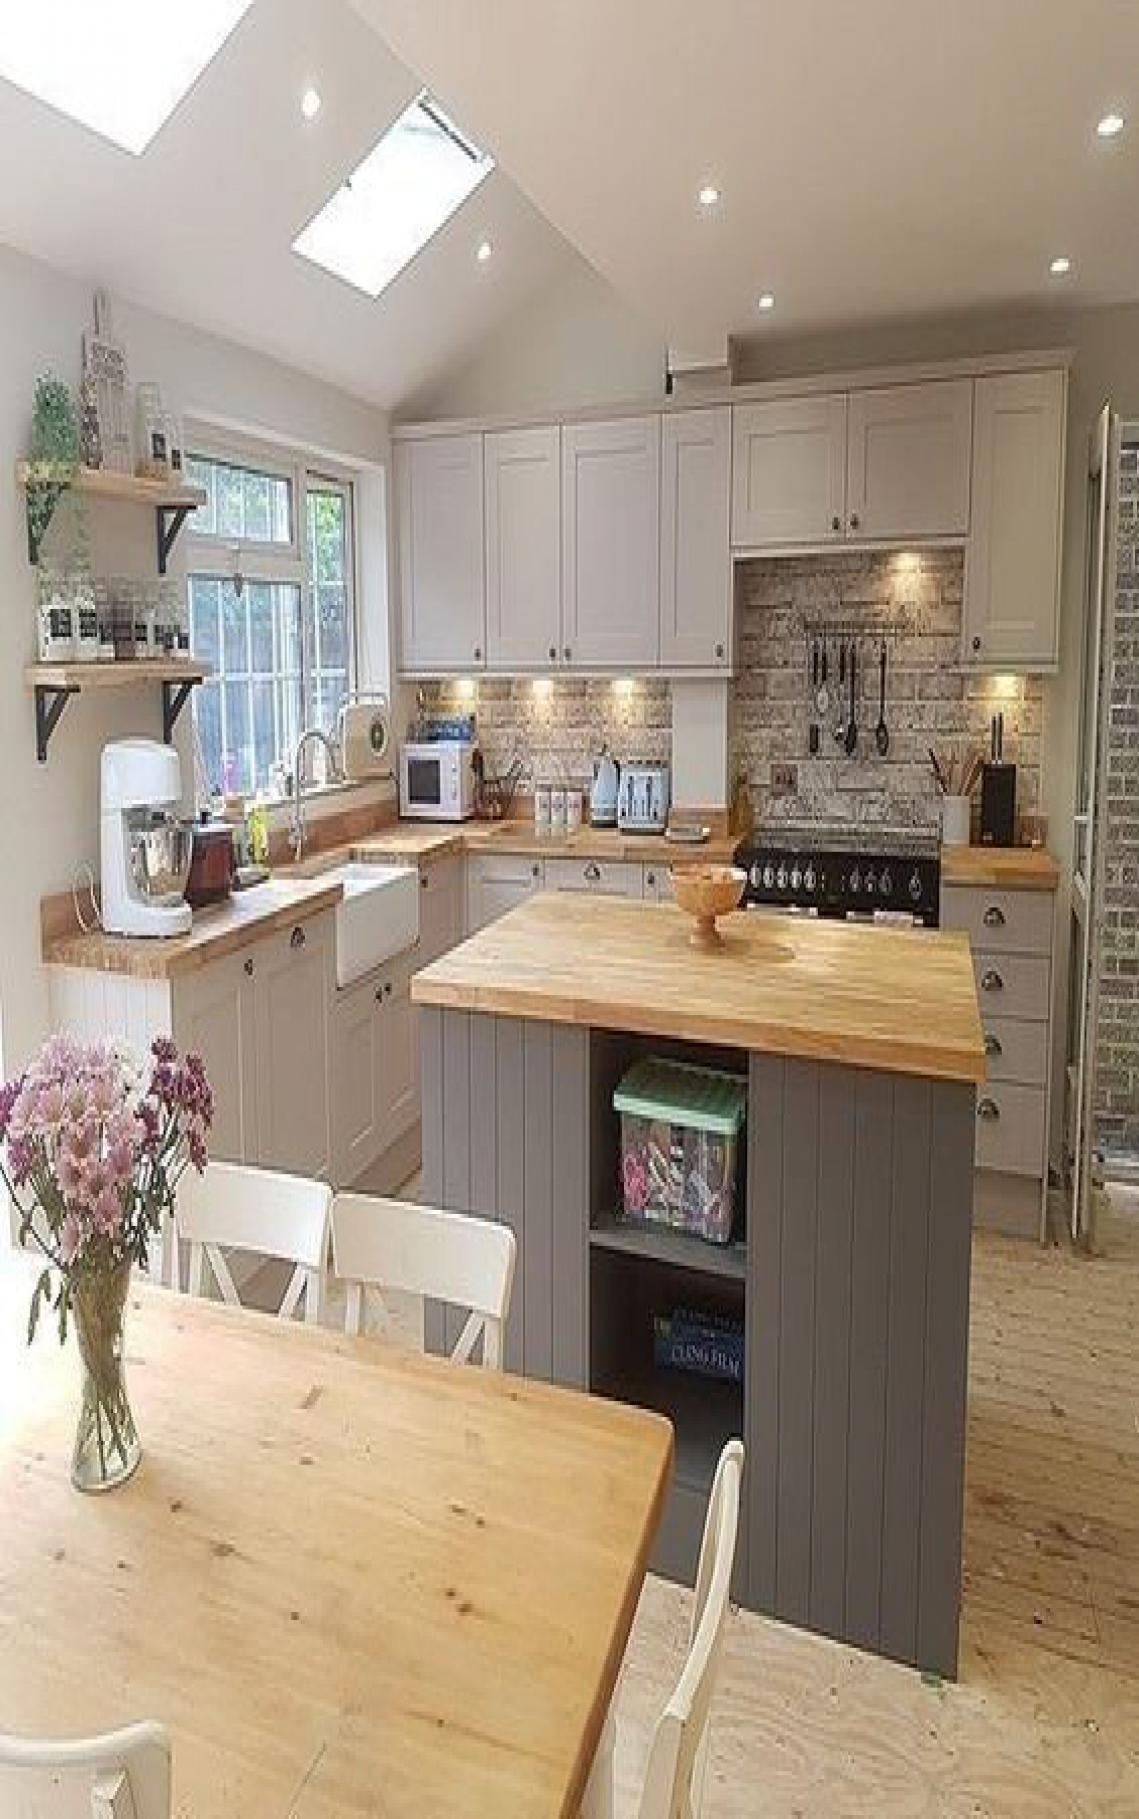 44 Genius Small Cottage Kitchen Design Ideas Decor In 2020 Small Cottage Kitchen Open Plan Kitchen Living Room Open Plan Kitchen Dining Living